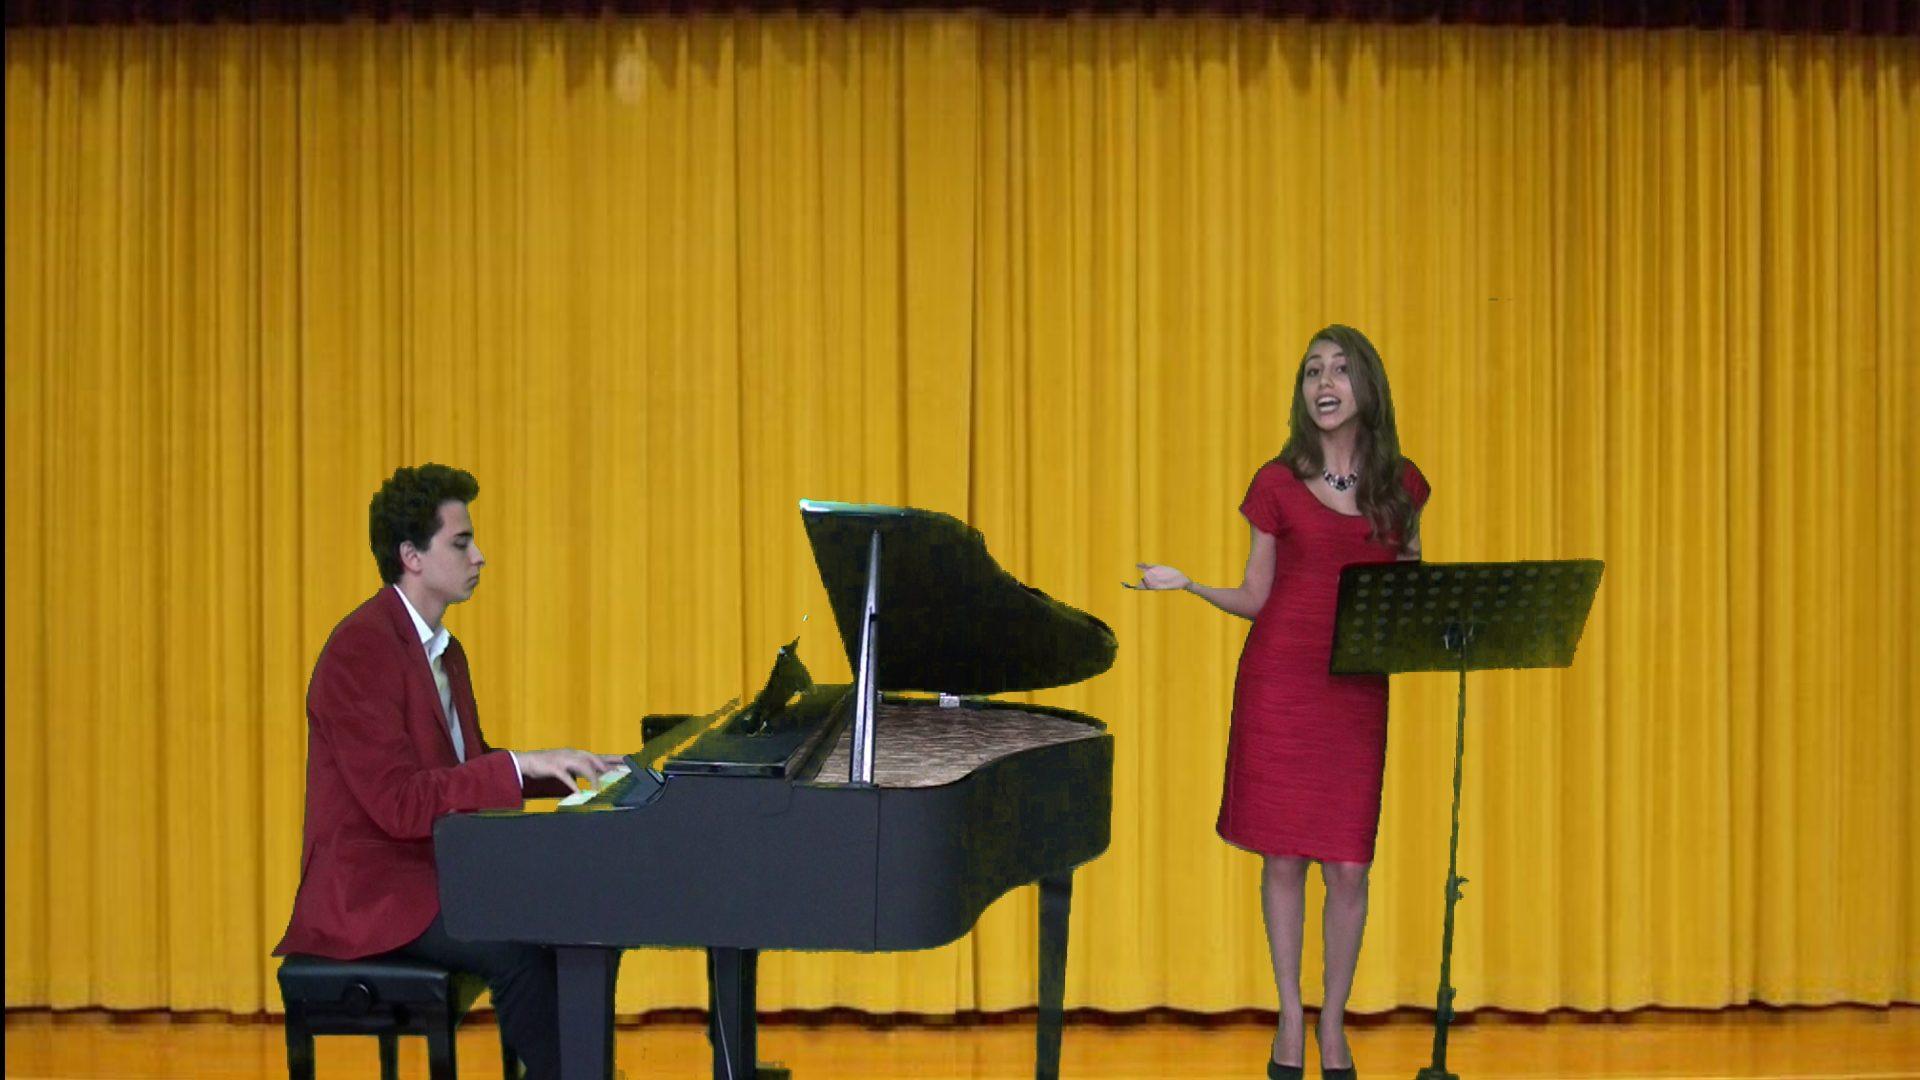 VÜCUD İKLİMİNİN SULTANI SENSİN Sultan Abdülmecit Dönemi Osmanlı Sarayı Bestecileri Klasik Türk Müzik Musiki